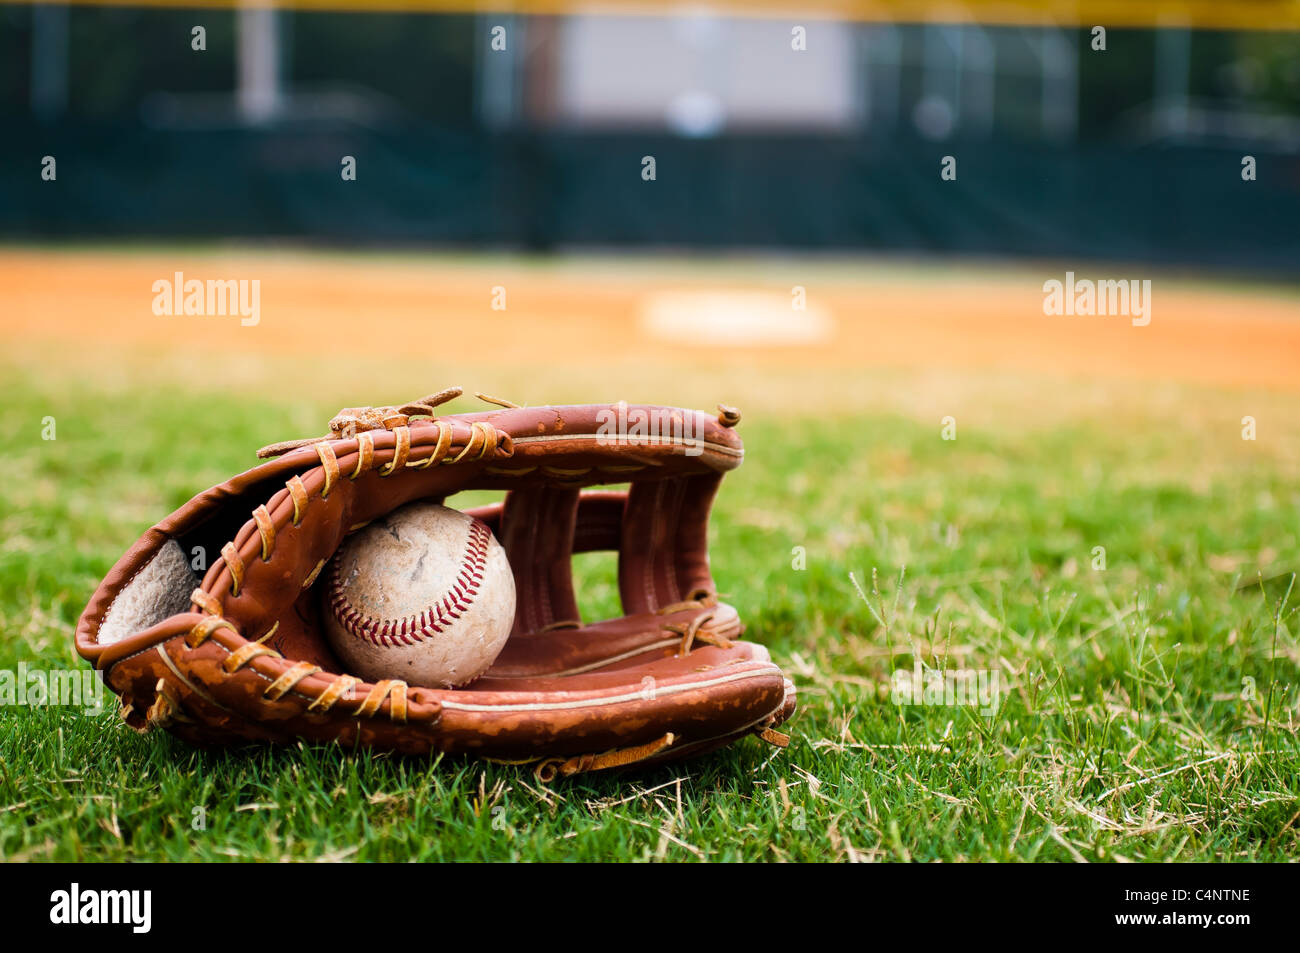 En baseball glove sur terrain avec base et de grand champ en arrière-plan. Photo Stock